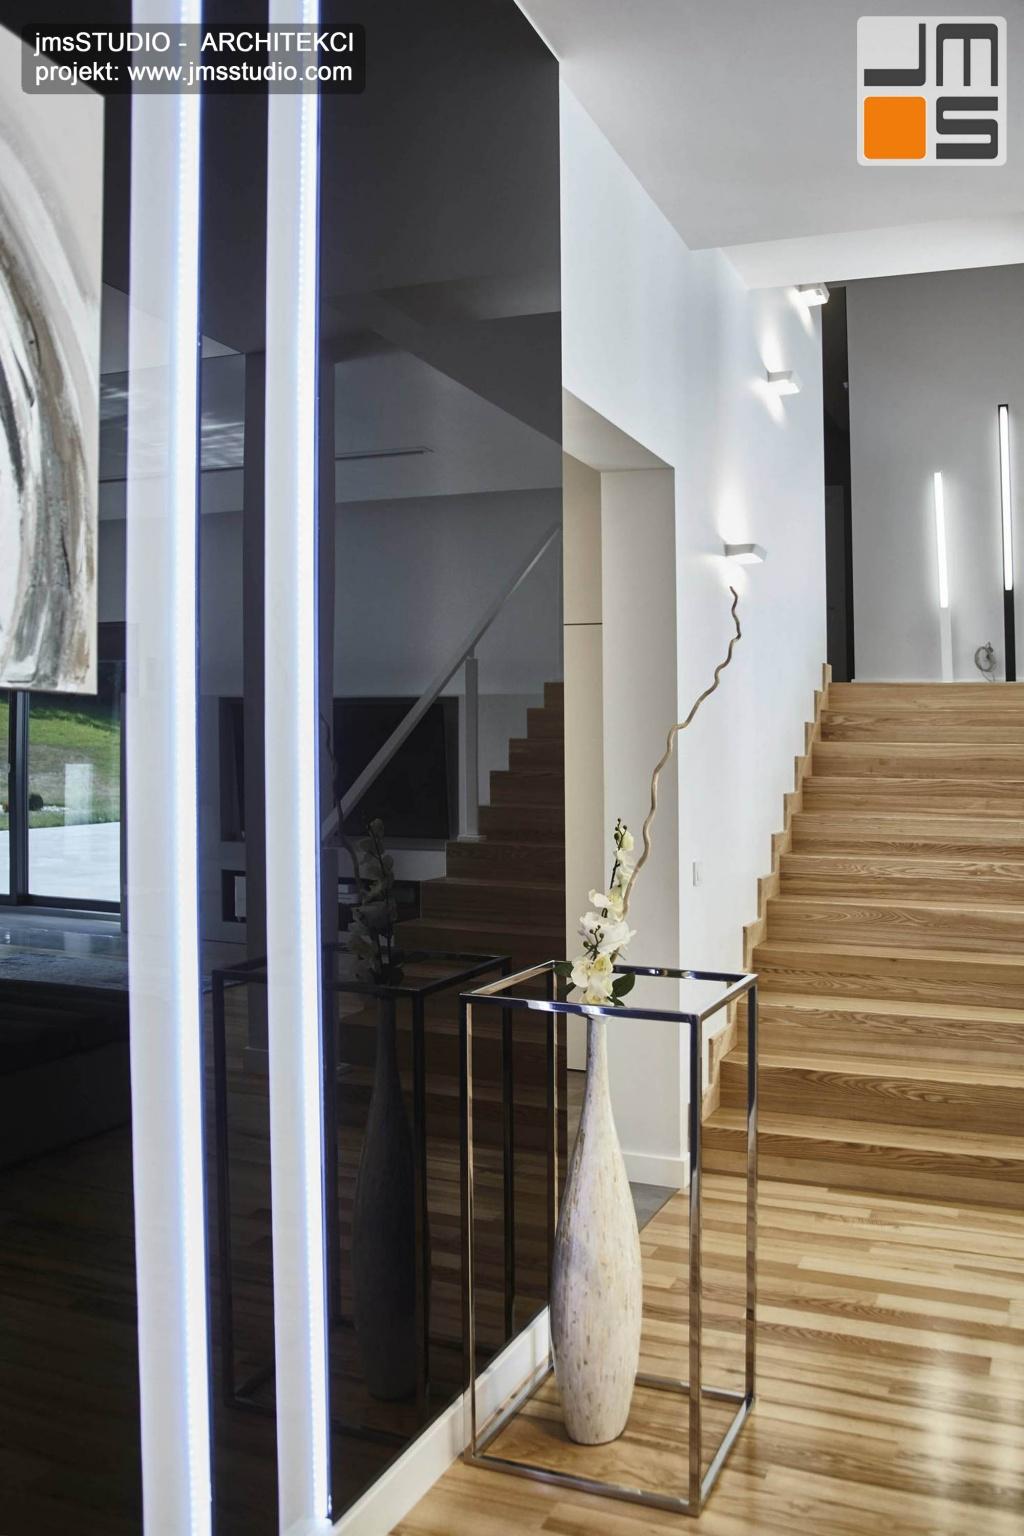 2018 06 w bardzo efektownej dekoracyjnej ścianie z lakierowanego czarnego szkła odbija się całe wnętrze salonu które zostało bardzo dobrze i ciekawie zaprojektowane przez architekta Poznań